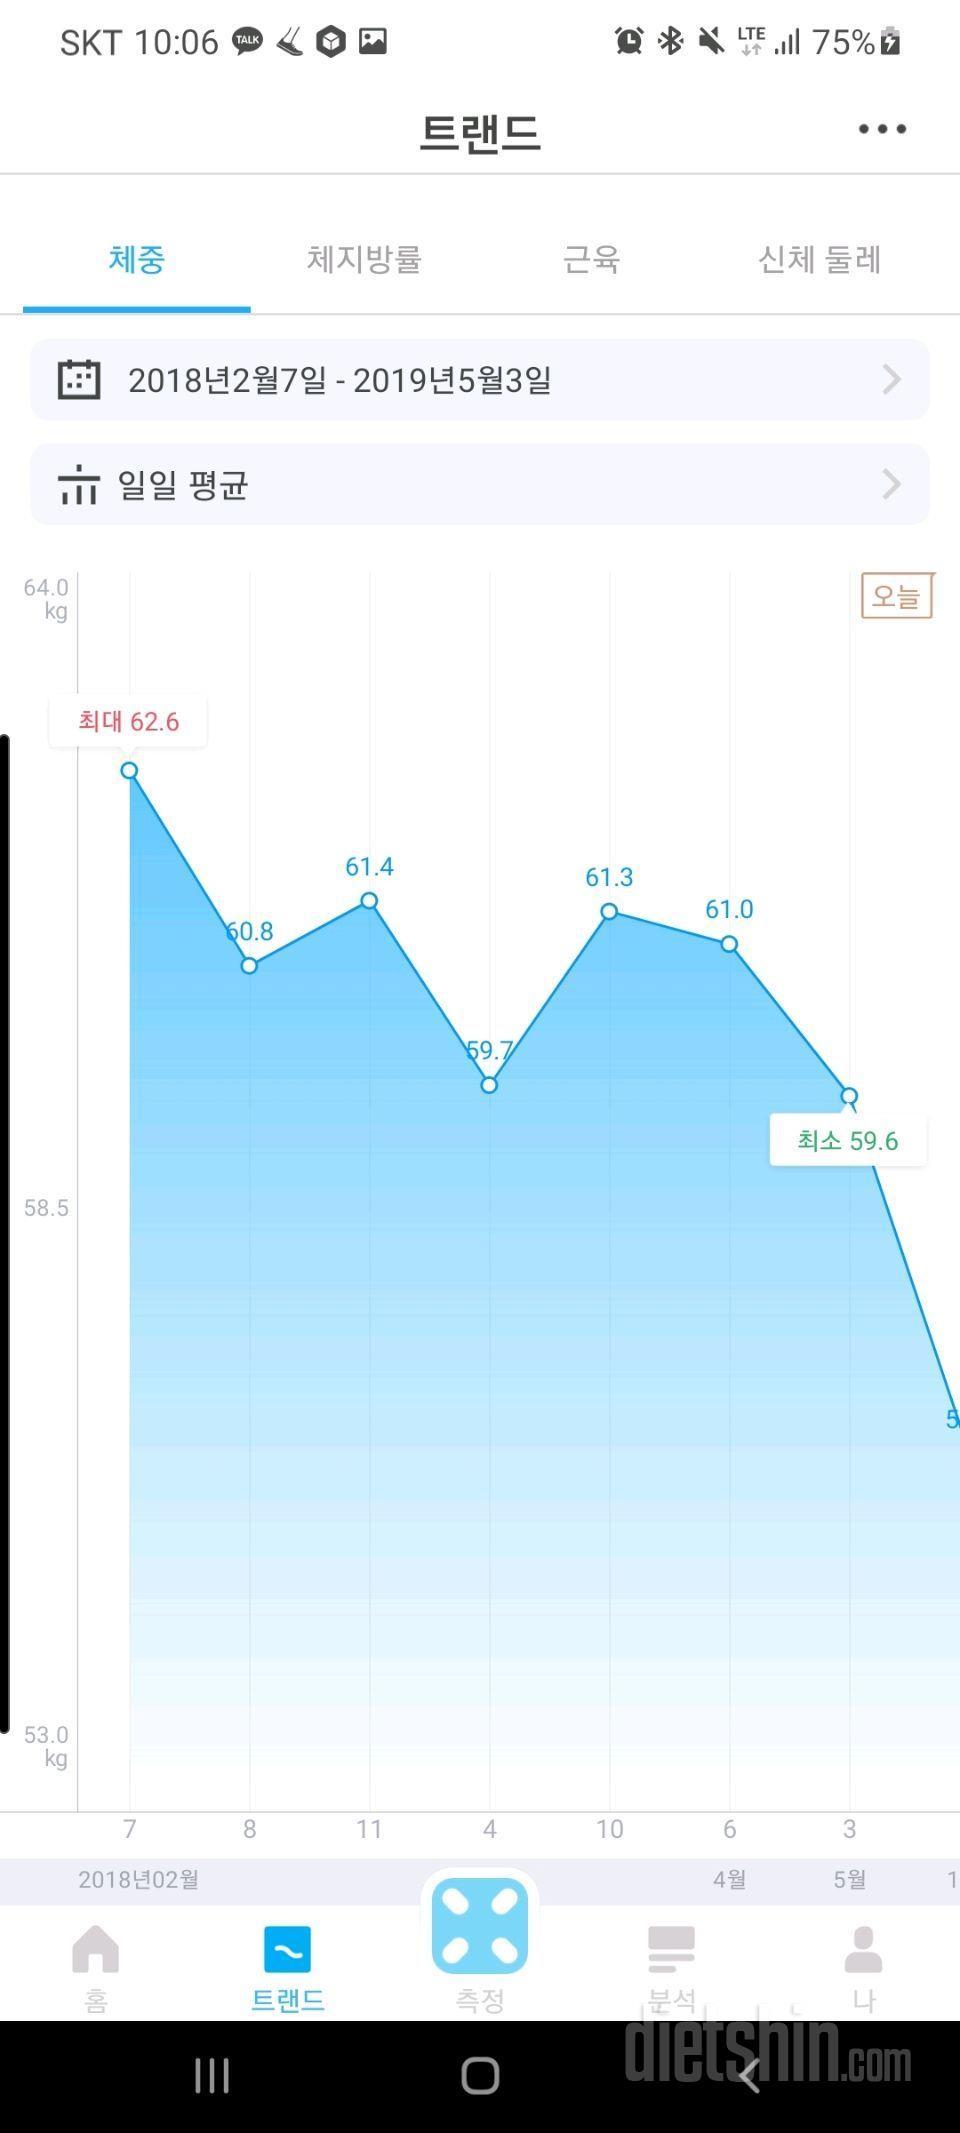 홈트 62kg ->\; 56kg 변화